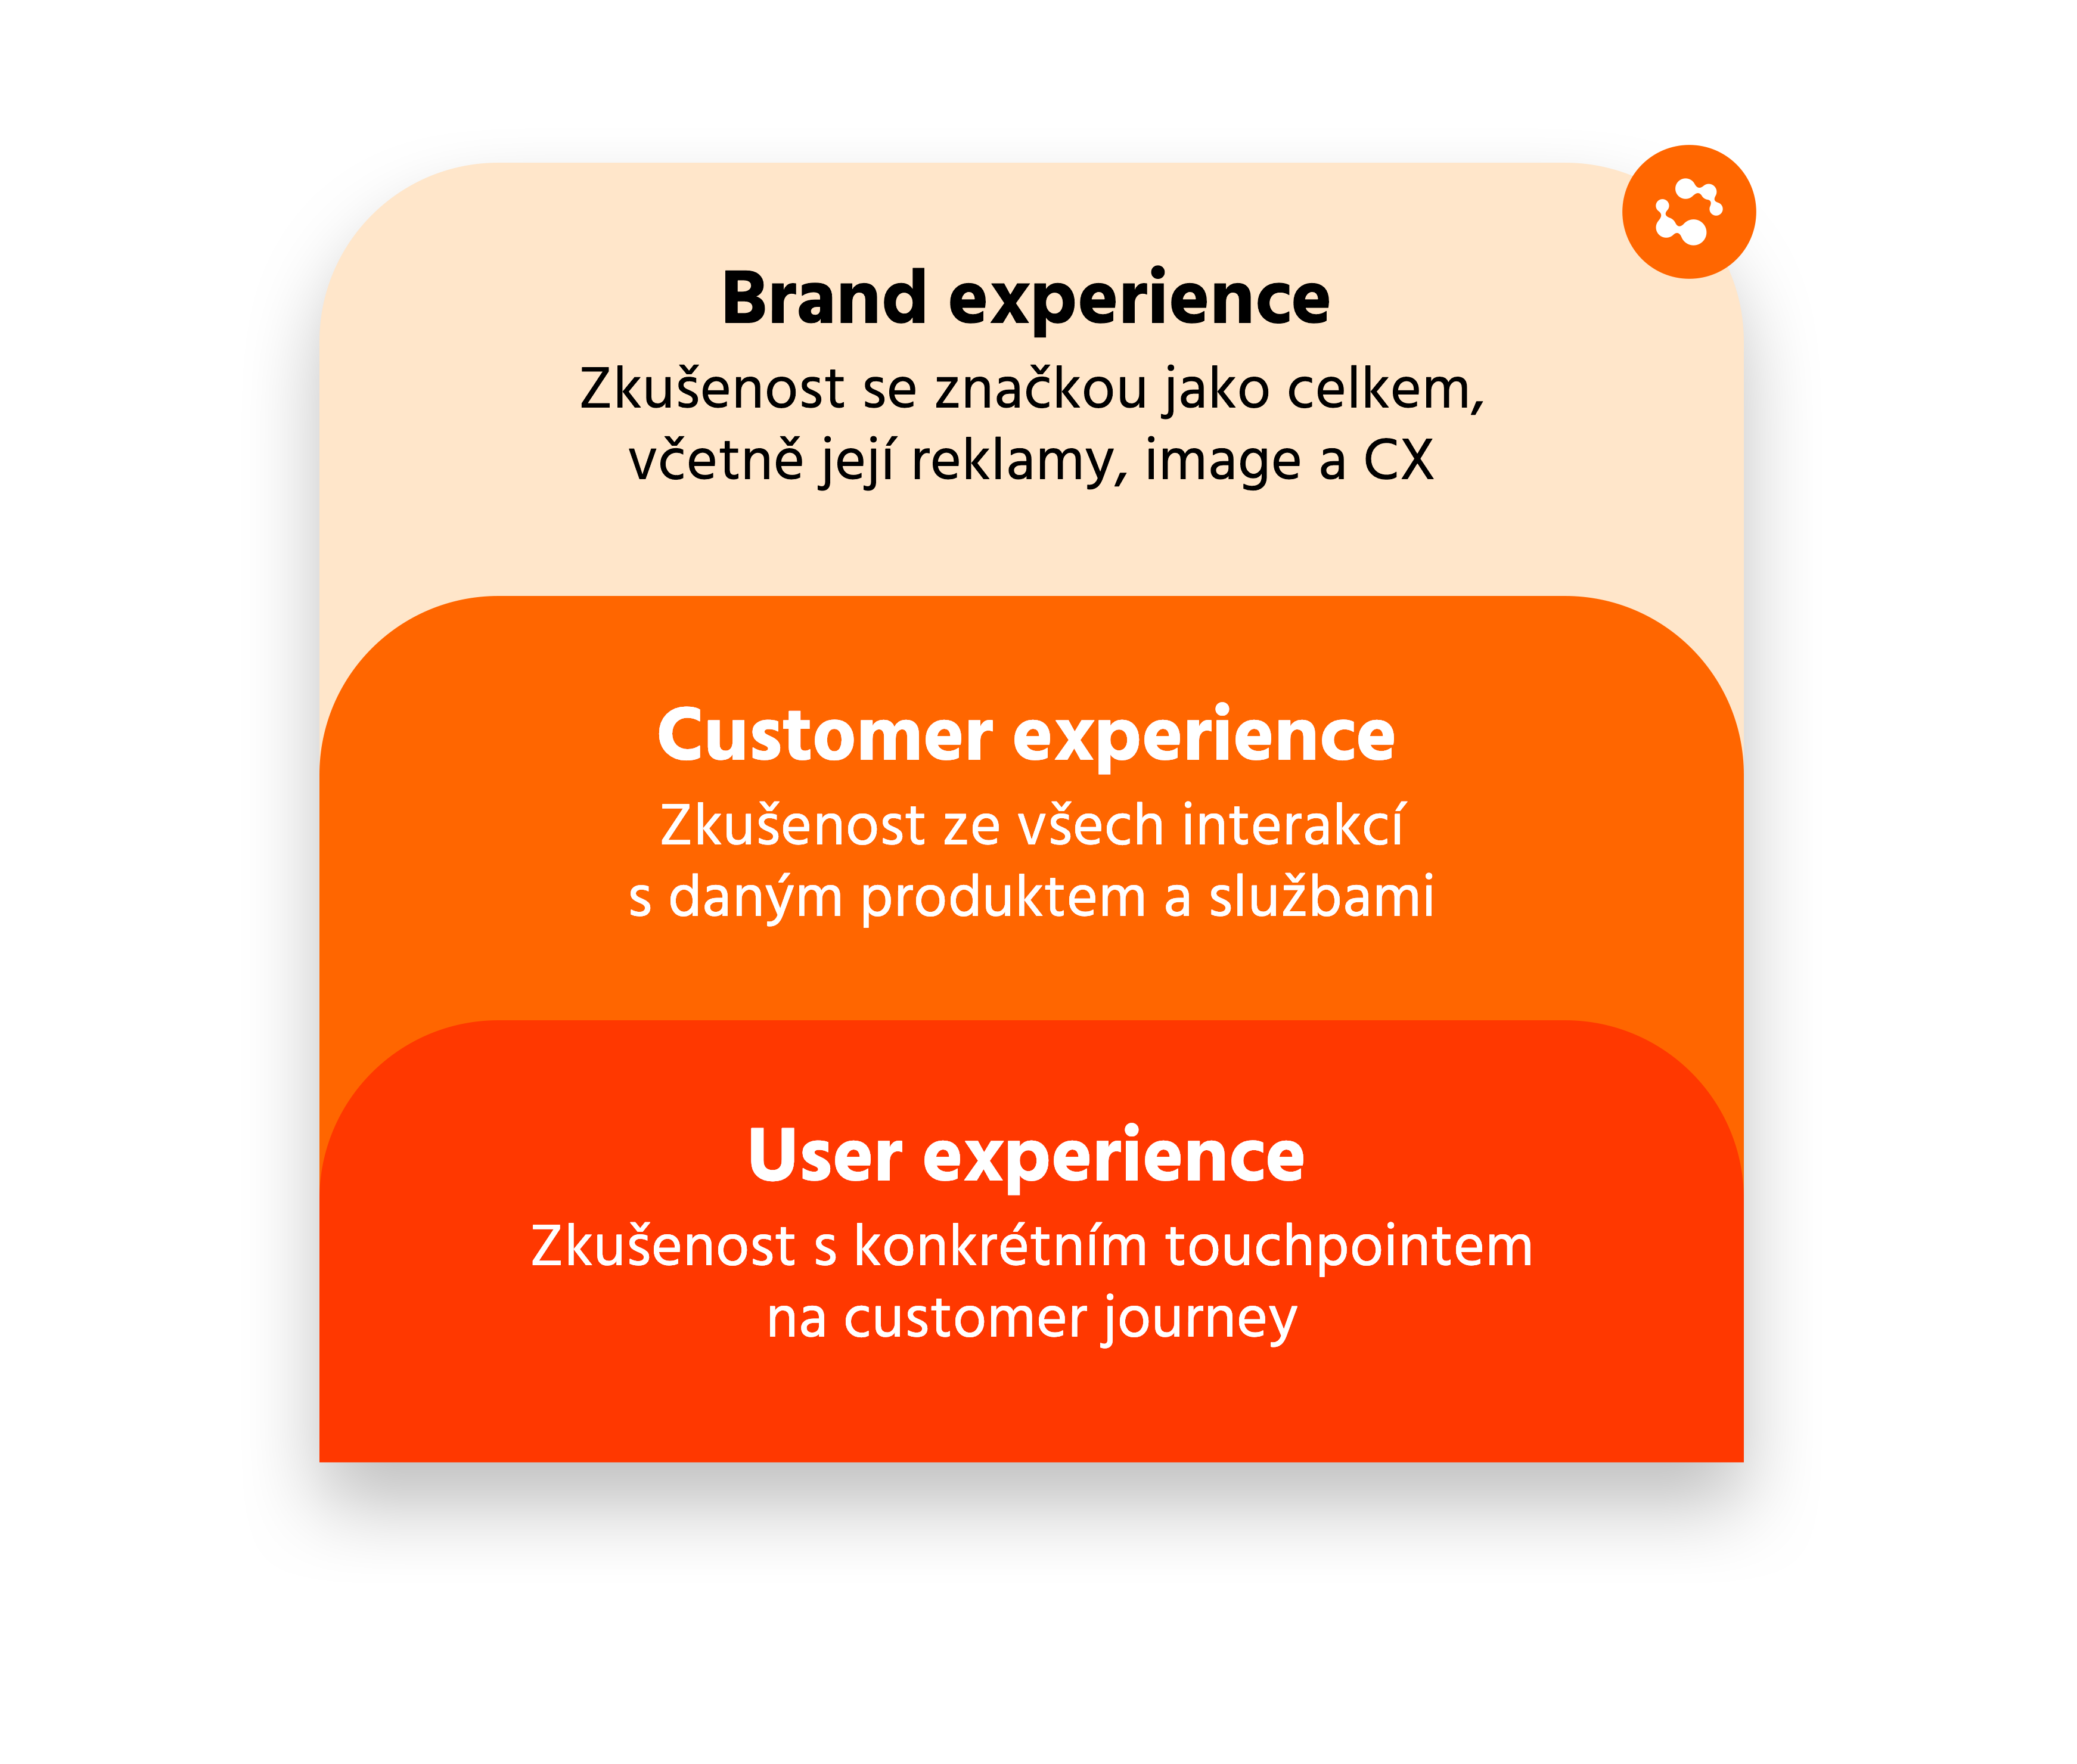 Tři úrovně zkušenosti zákazníků se značkou